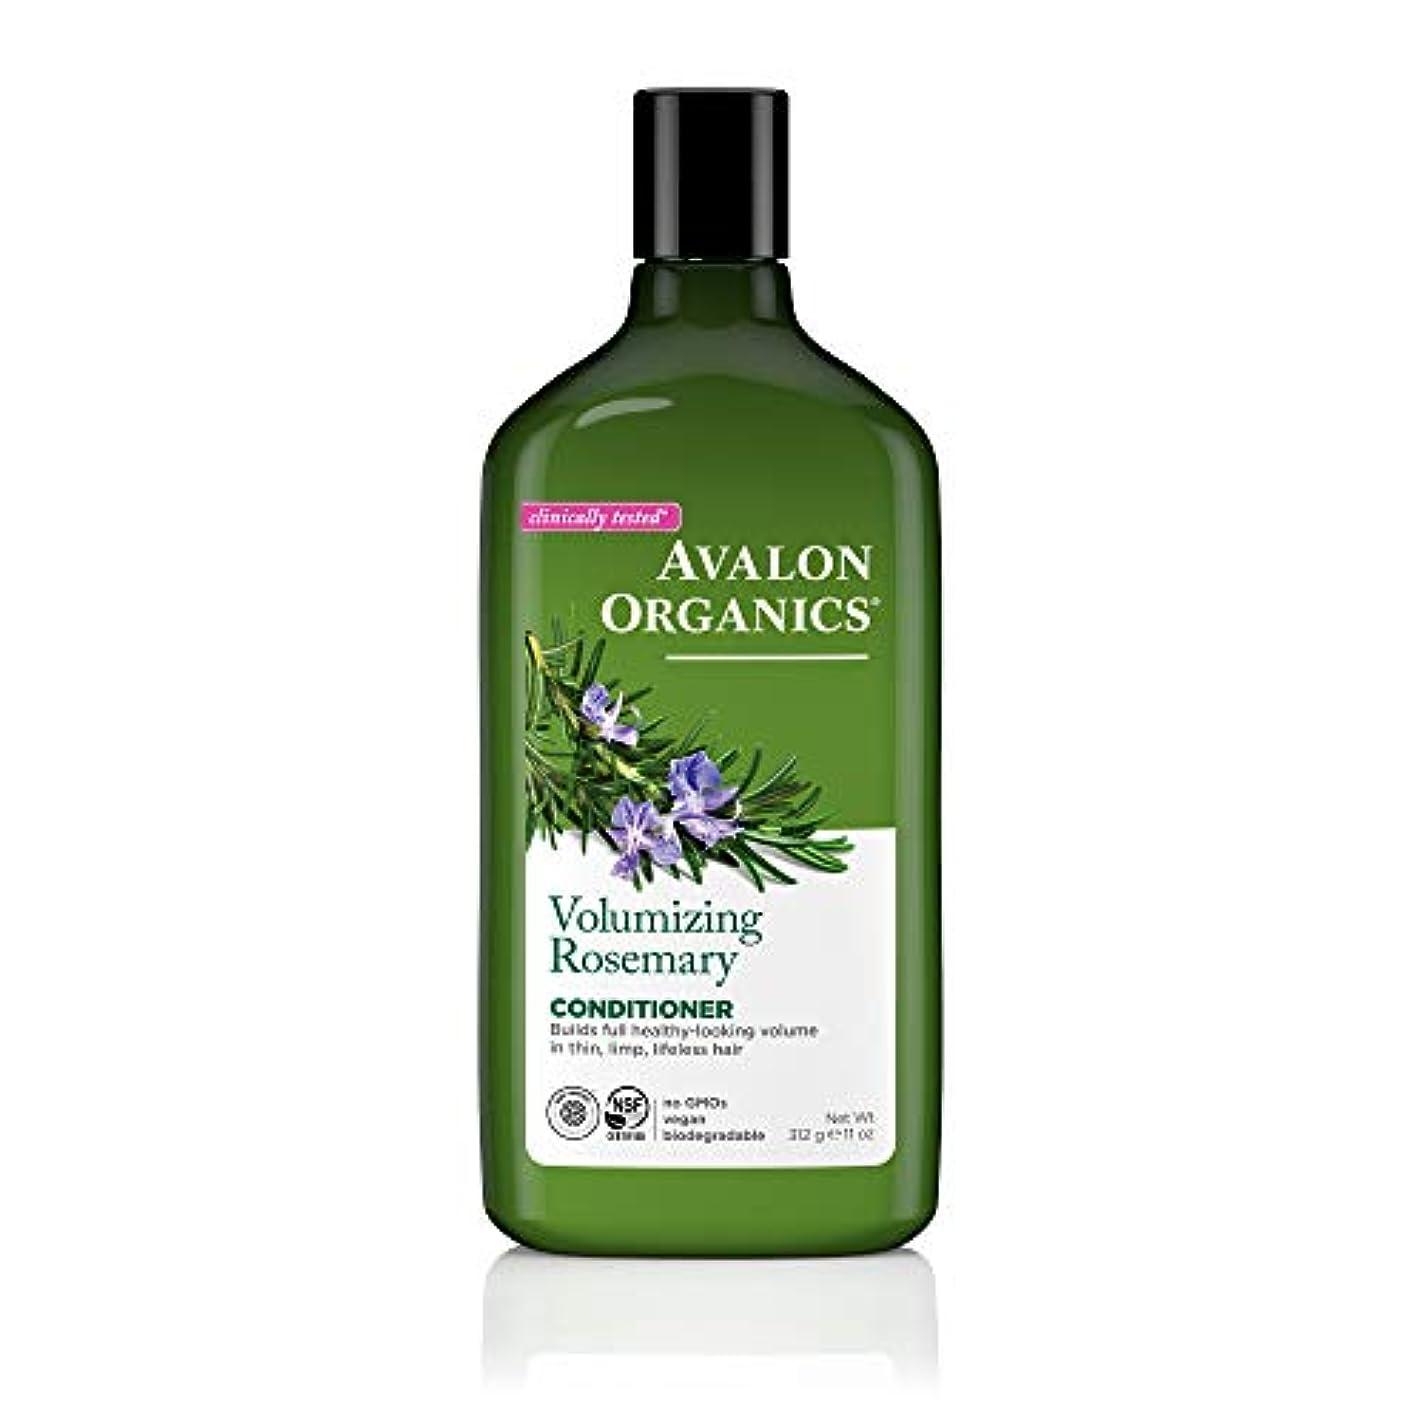 何か泥棒リードアバロンオーガニック(Avalon Organics) ローズマリー コンディショナー 325ml